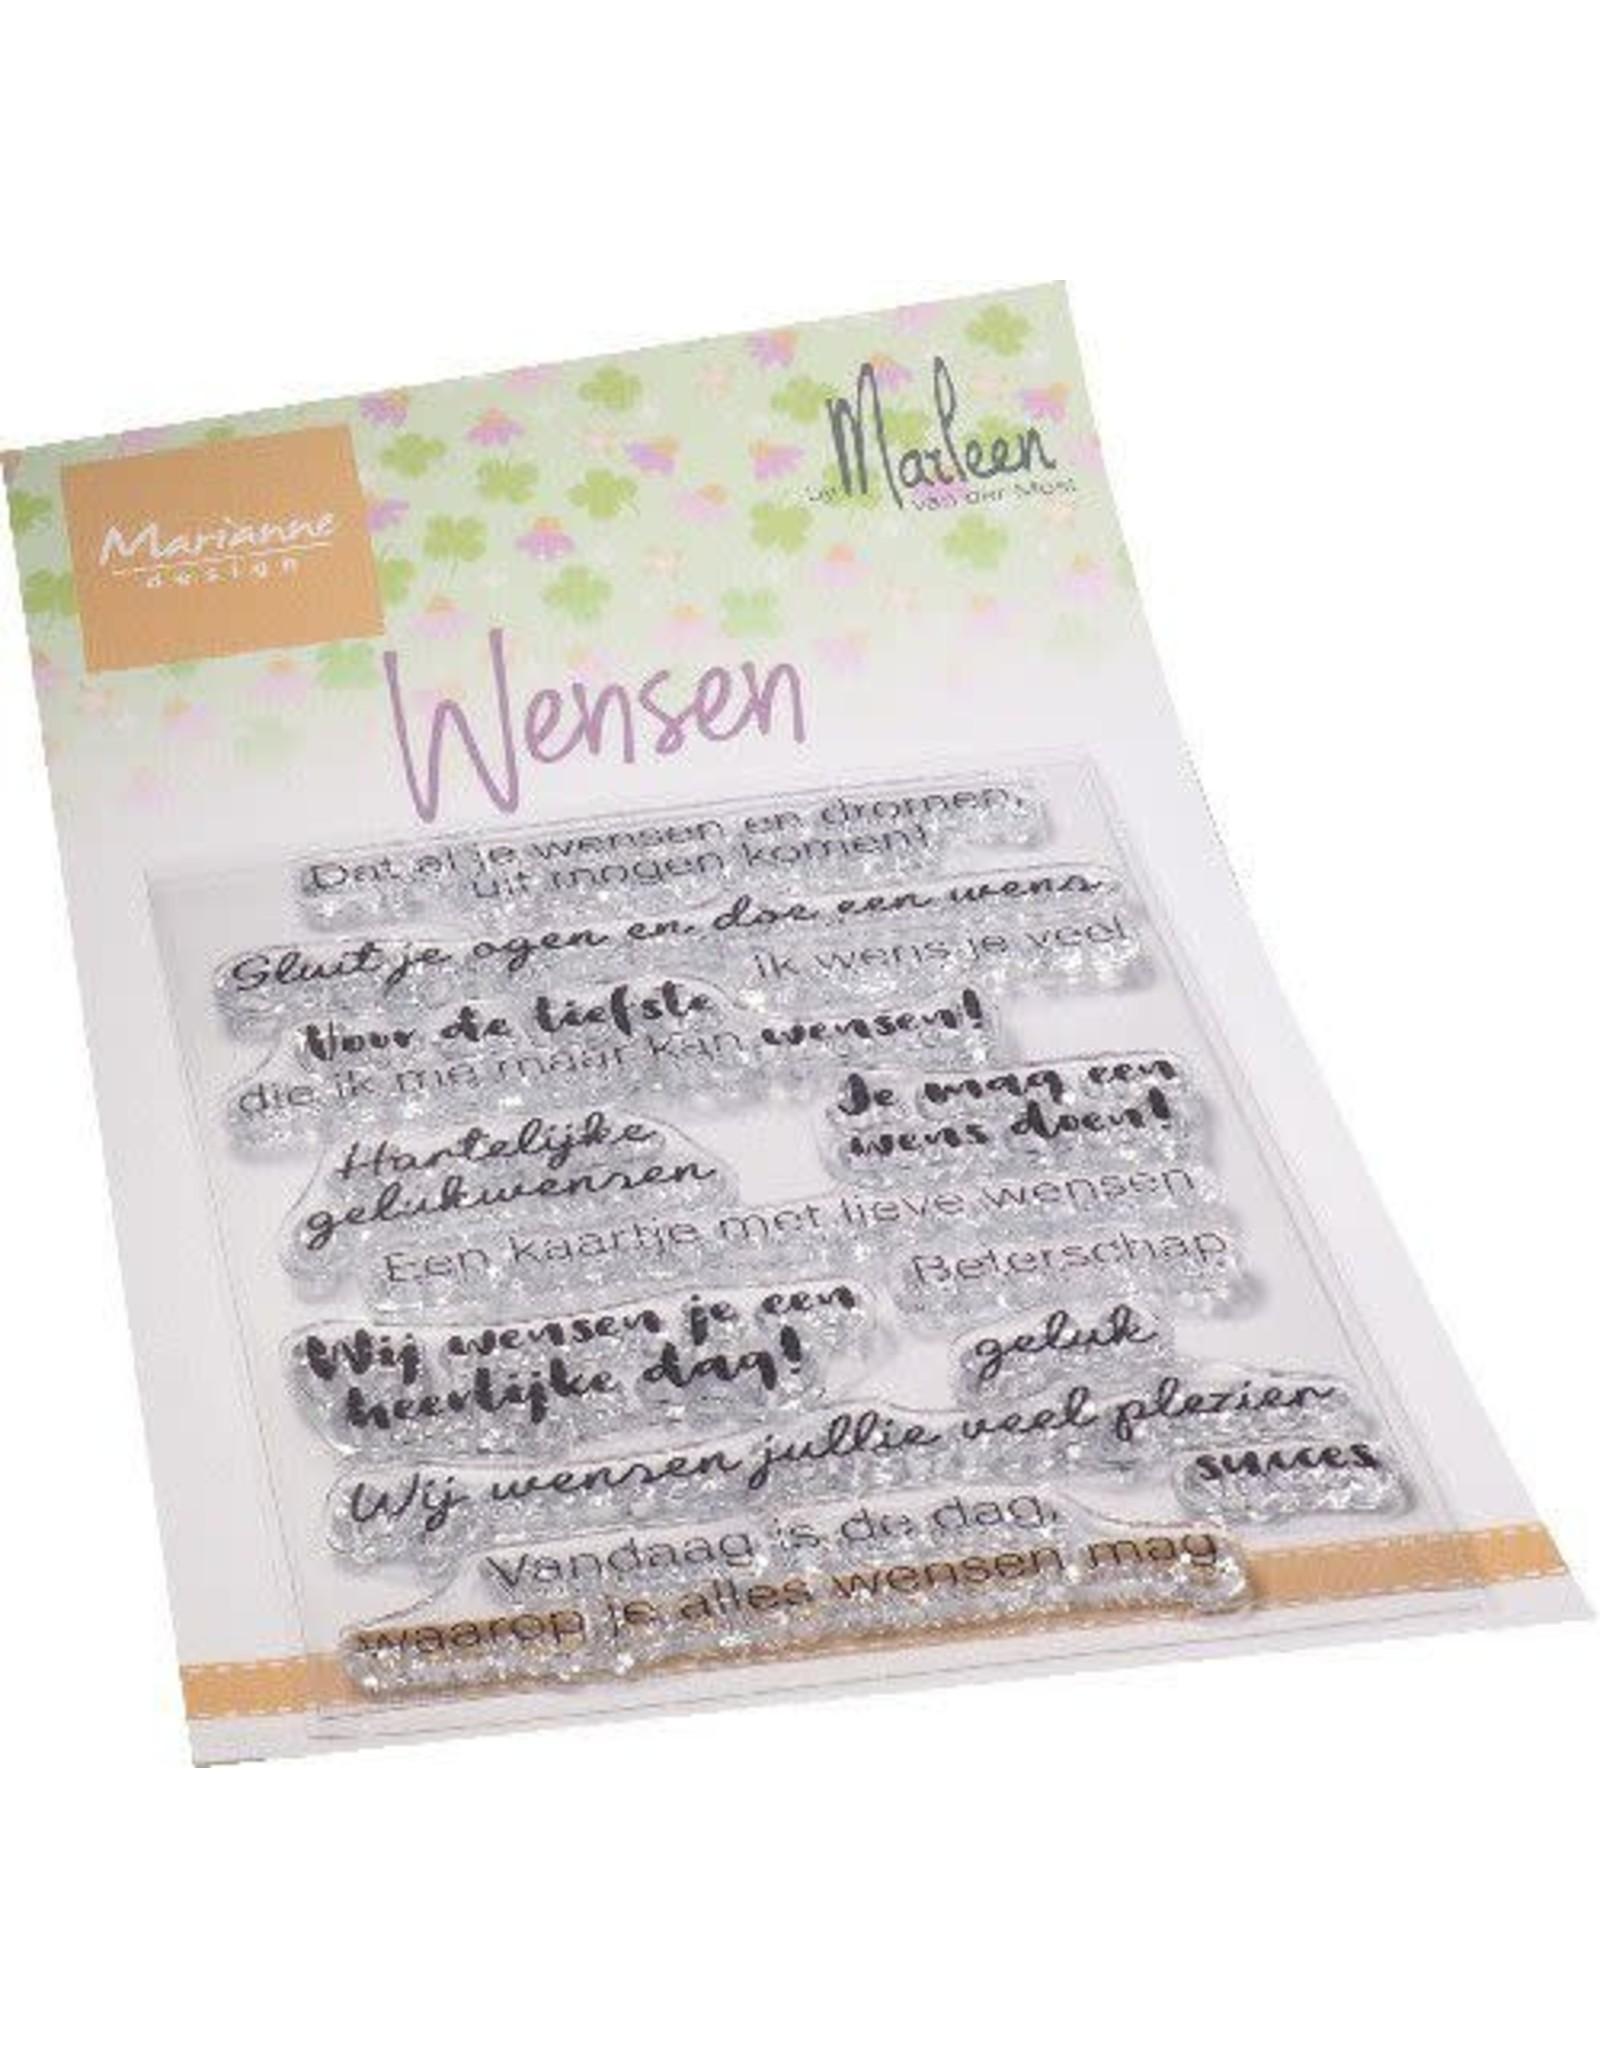 Marianne Design Marianne D Clear Stamps Wensen (NL) by Marleen CS1078 110x180mm